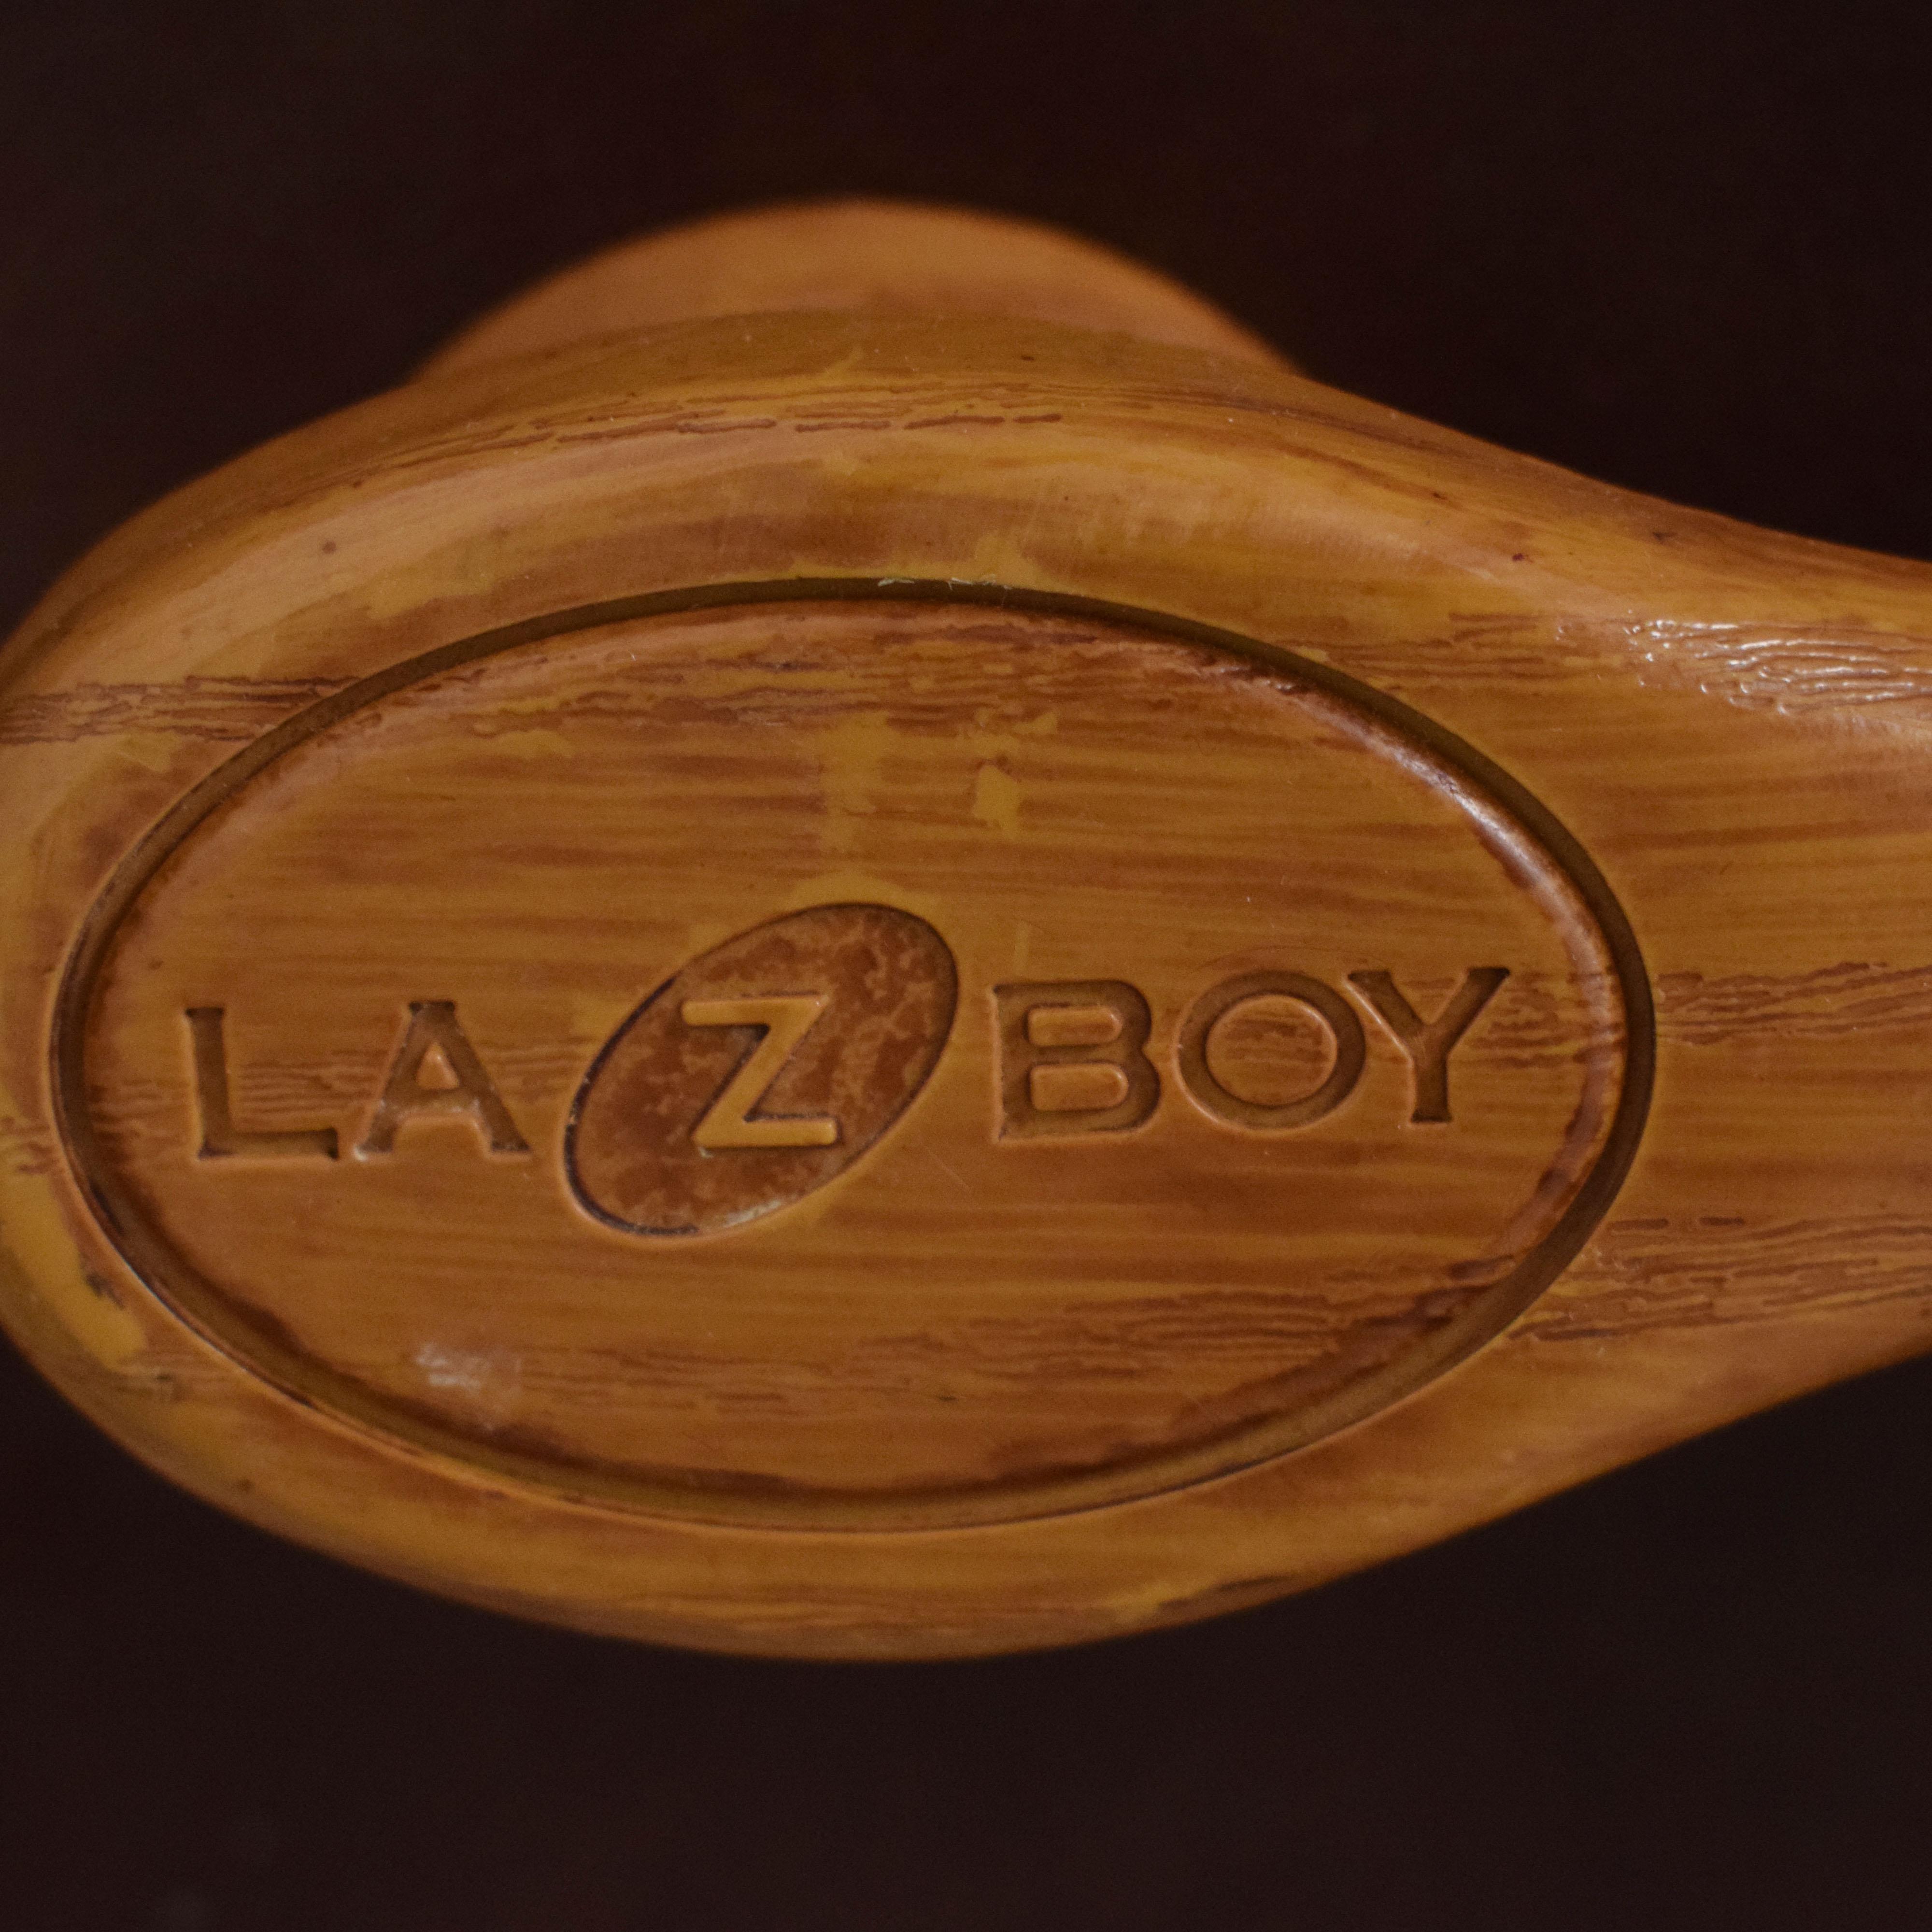 La-Z Boy Recliner / Recliners